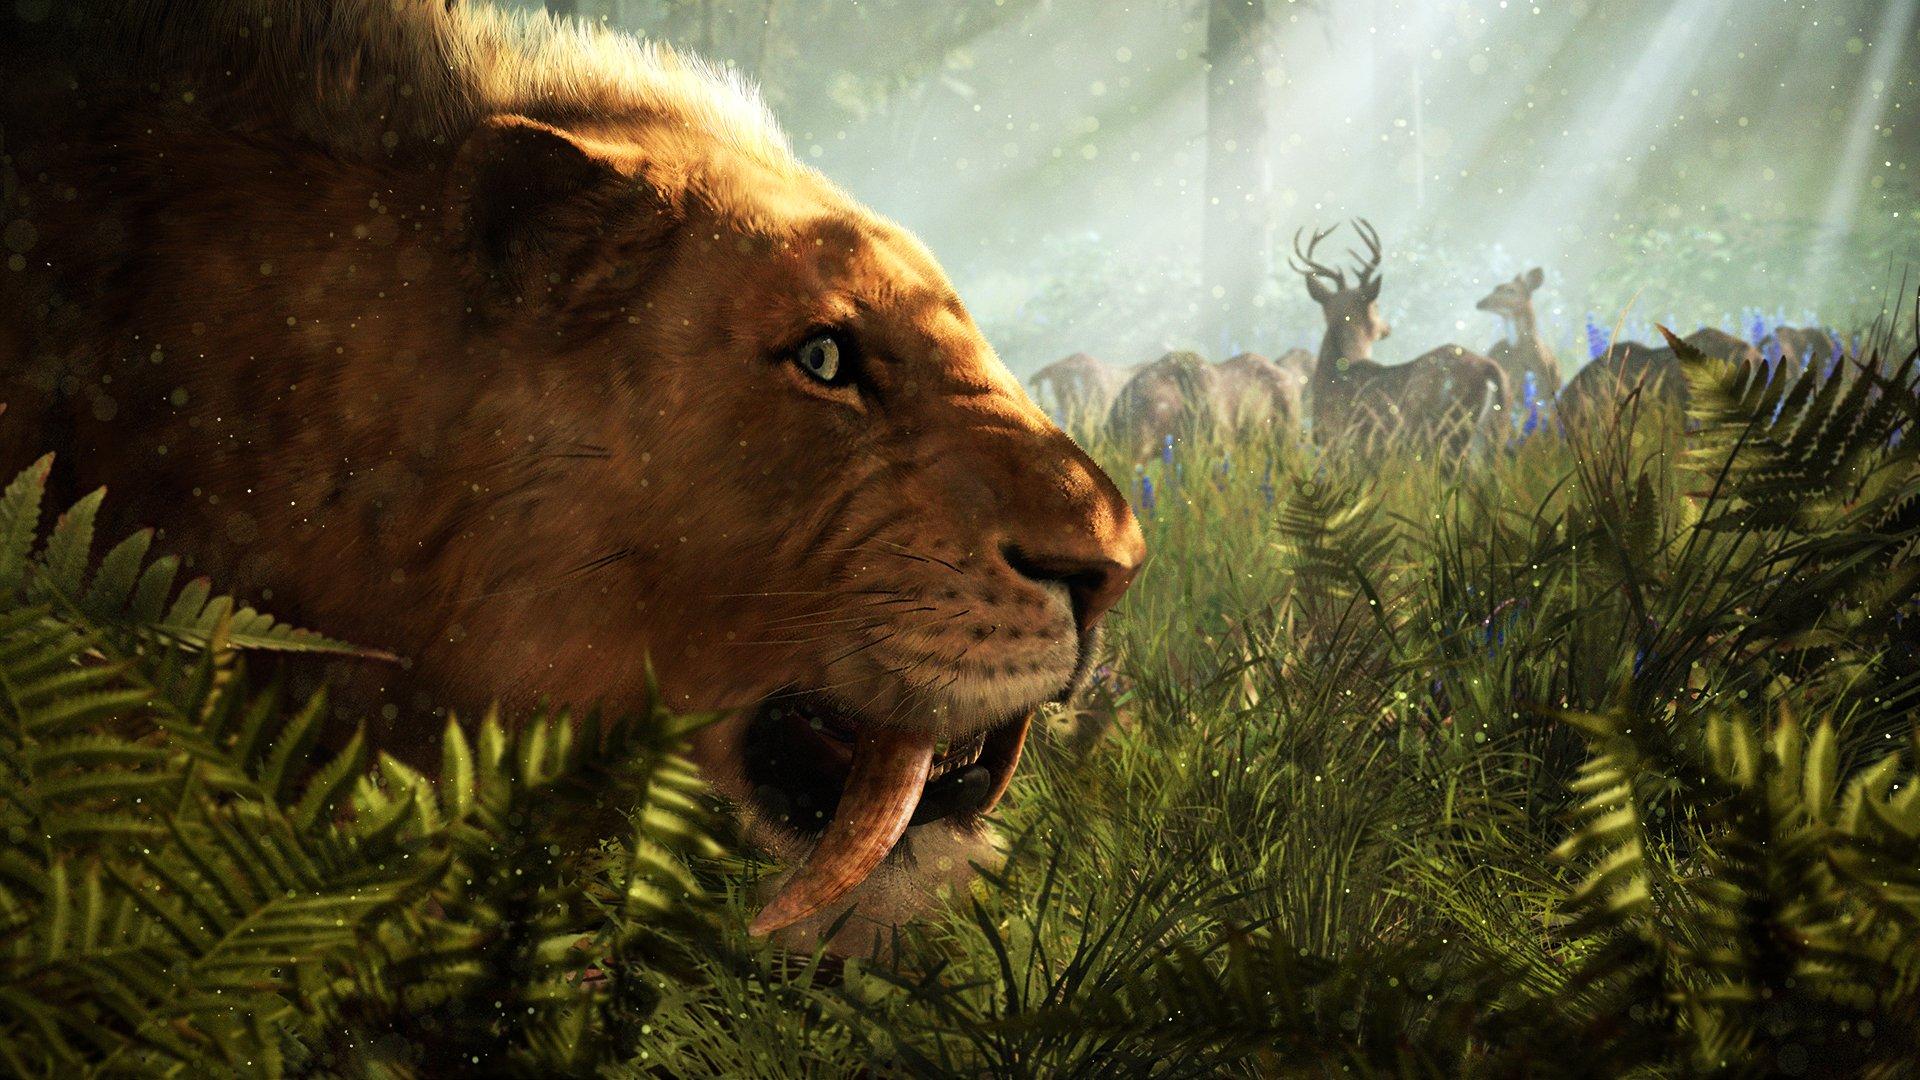 Ubisoft anticipa el anuncio de una aventura de supervivencia en un mundo prehistórico Far_cry_primal-3208162